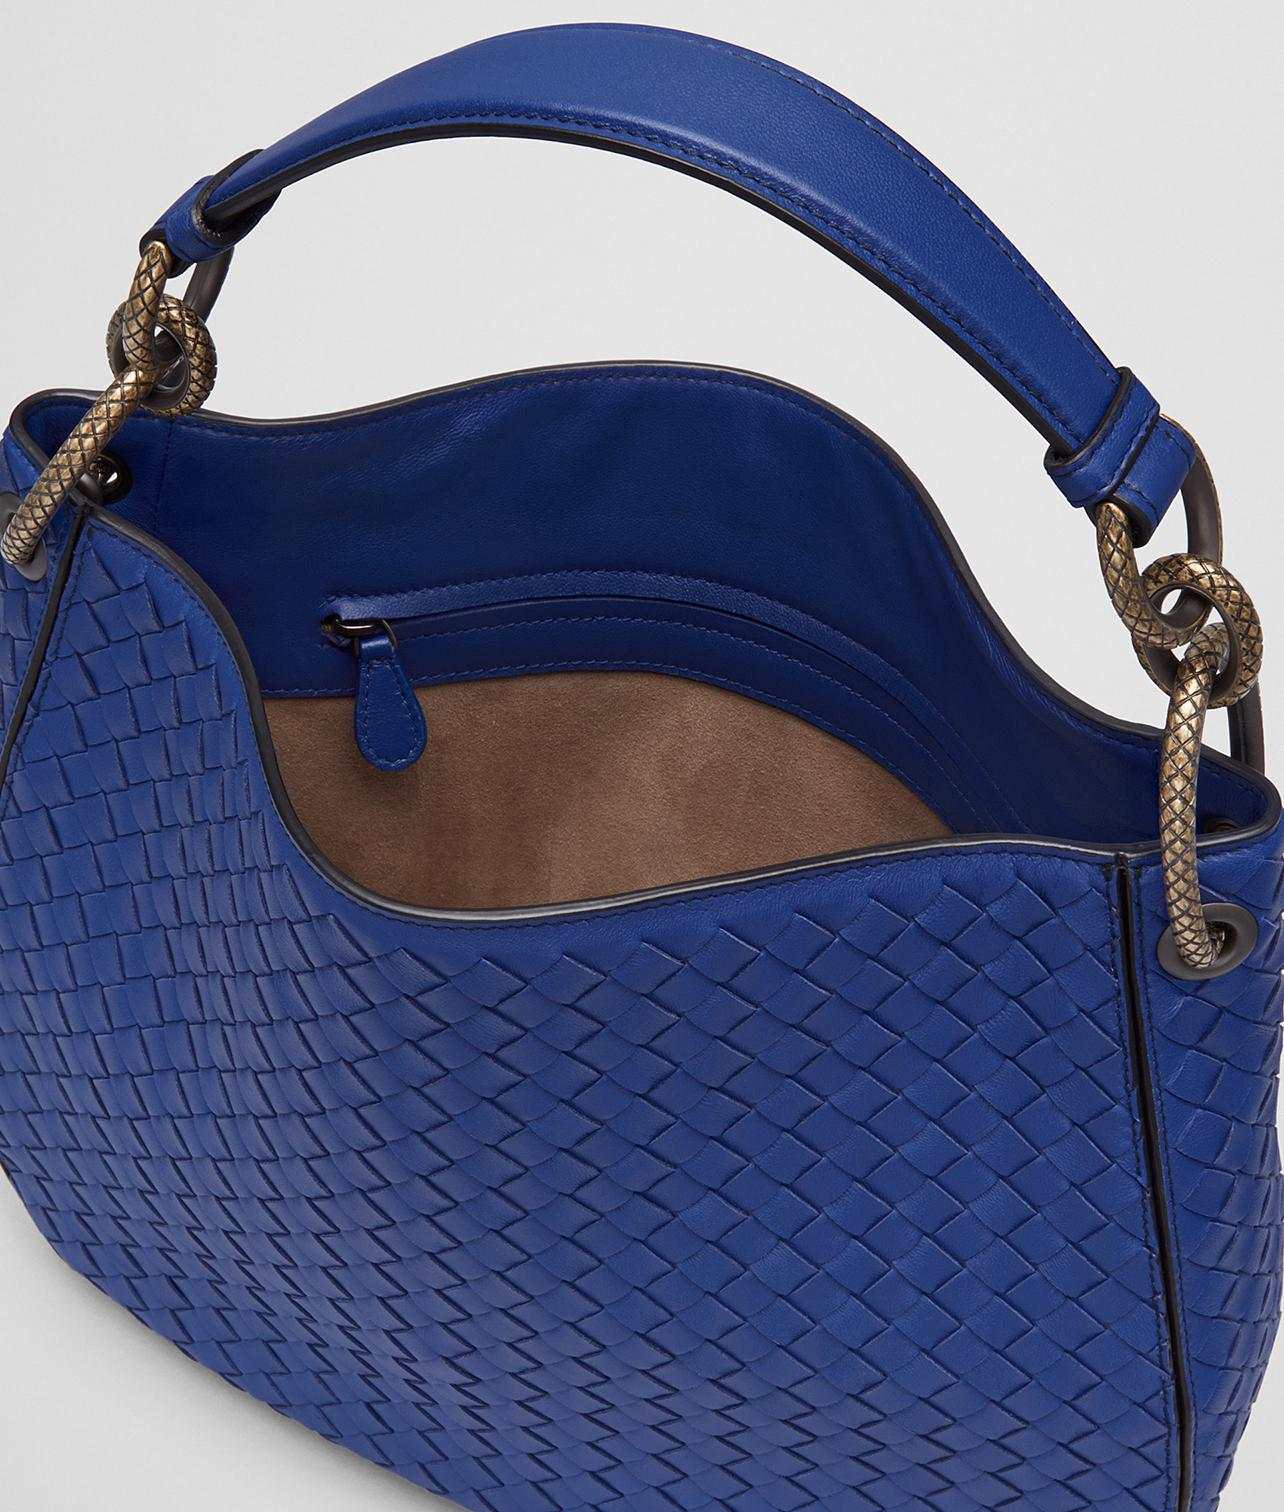 d72ea3c1b88d Lyst - Bottega Veneta Cobalt Intrecciato Nappa Loop Bag in Blue